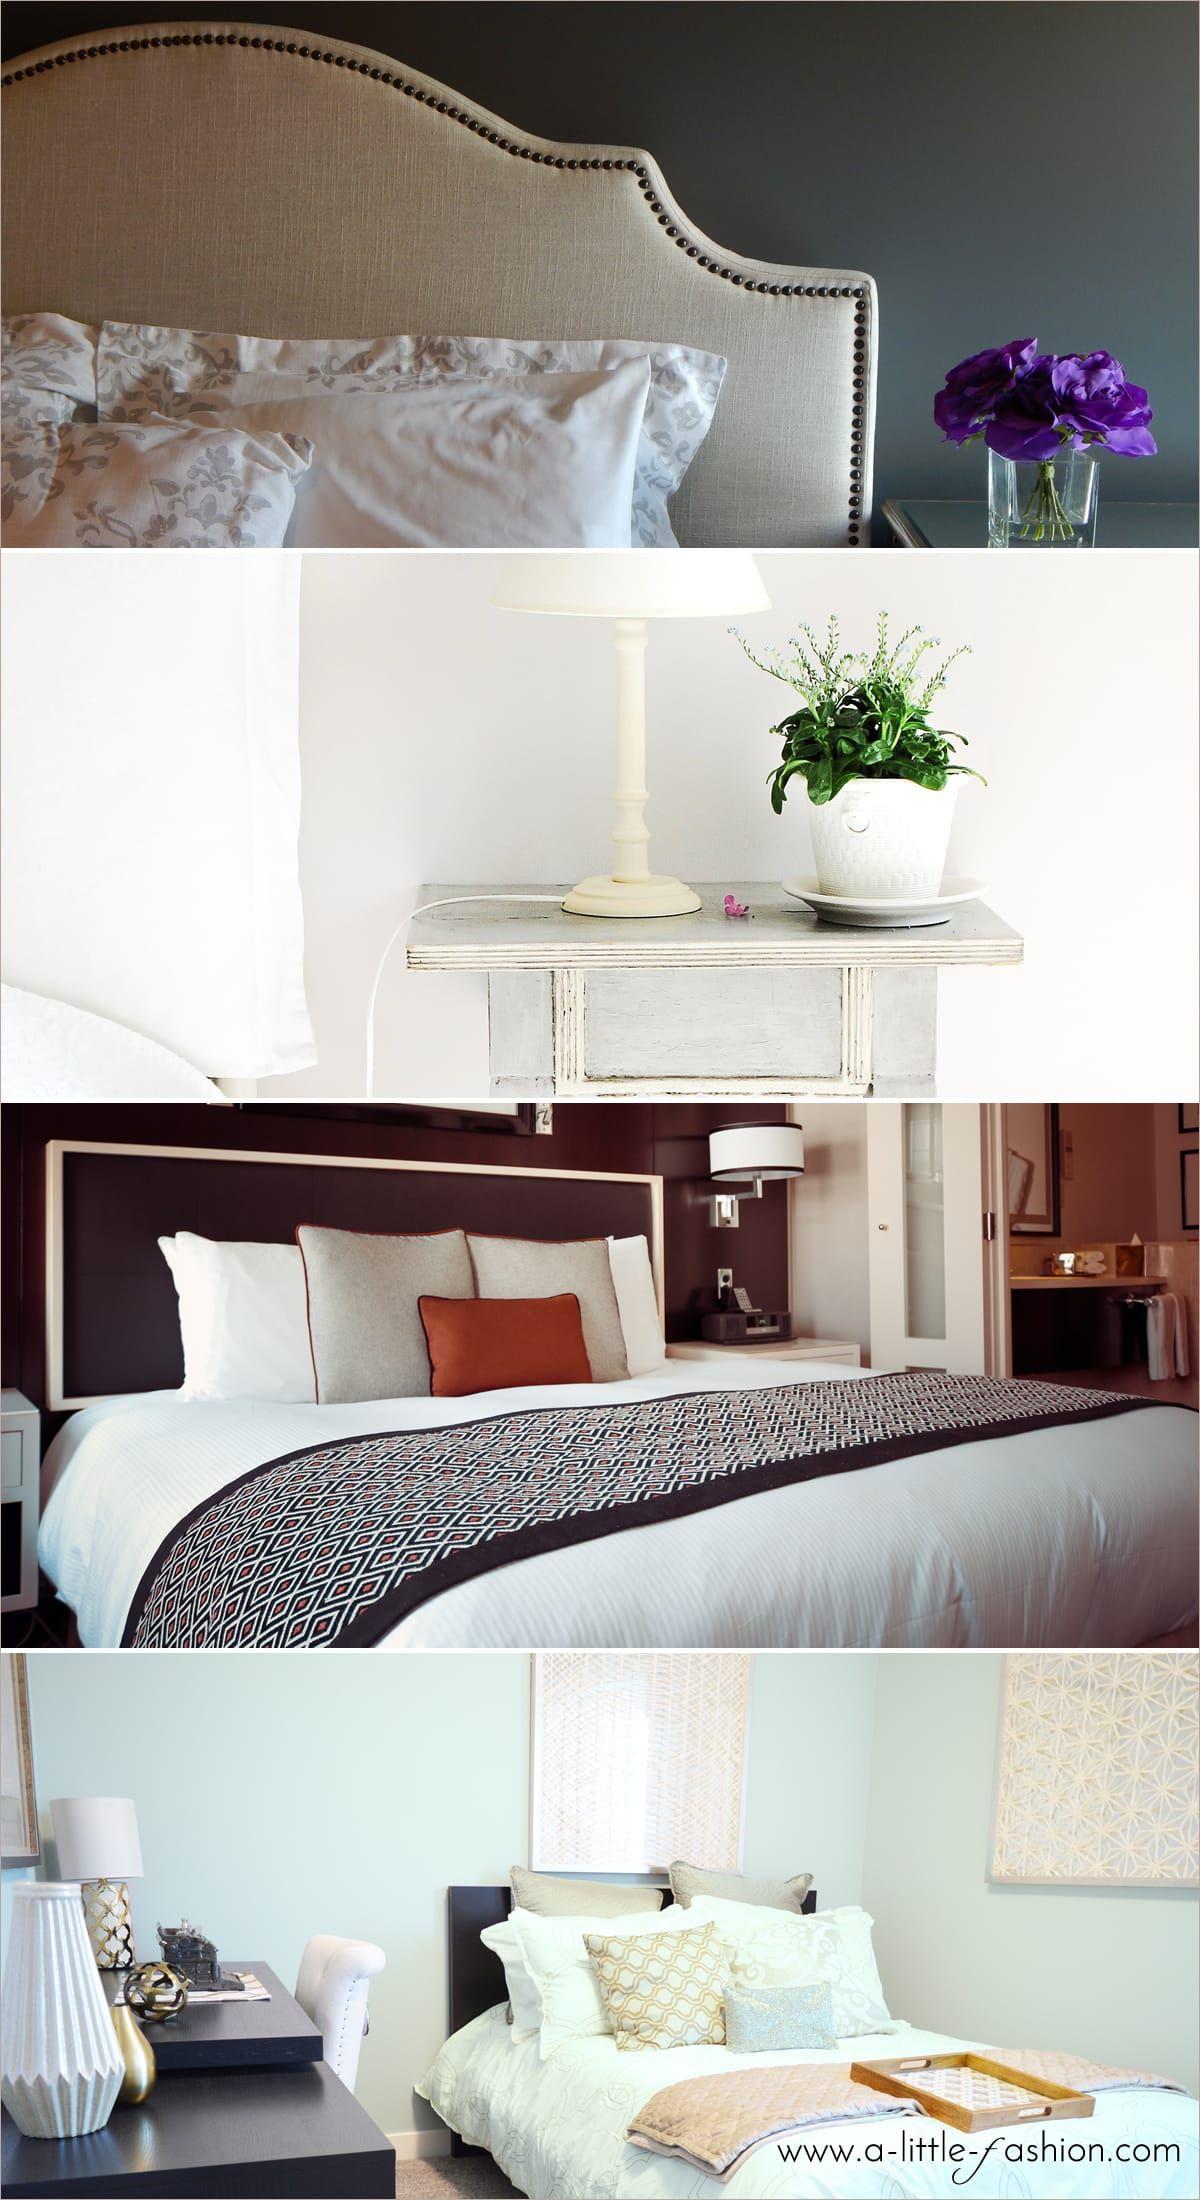 ... Schlafzimmer Einrichtung | A Little Fashion |  Http://www.a Little Fashion.com/living/schlafzimmer Richtig Einrichten  #wohnen #einrichtung #ideen #deko ...